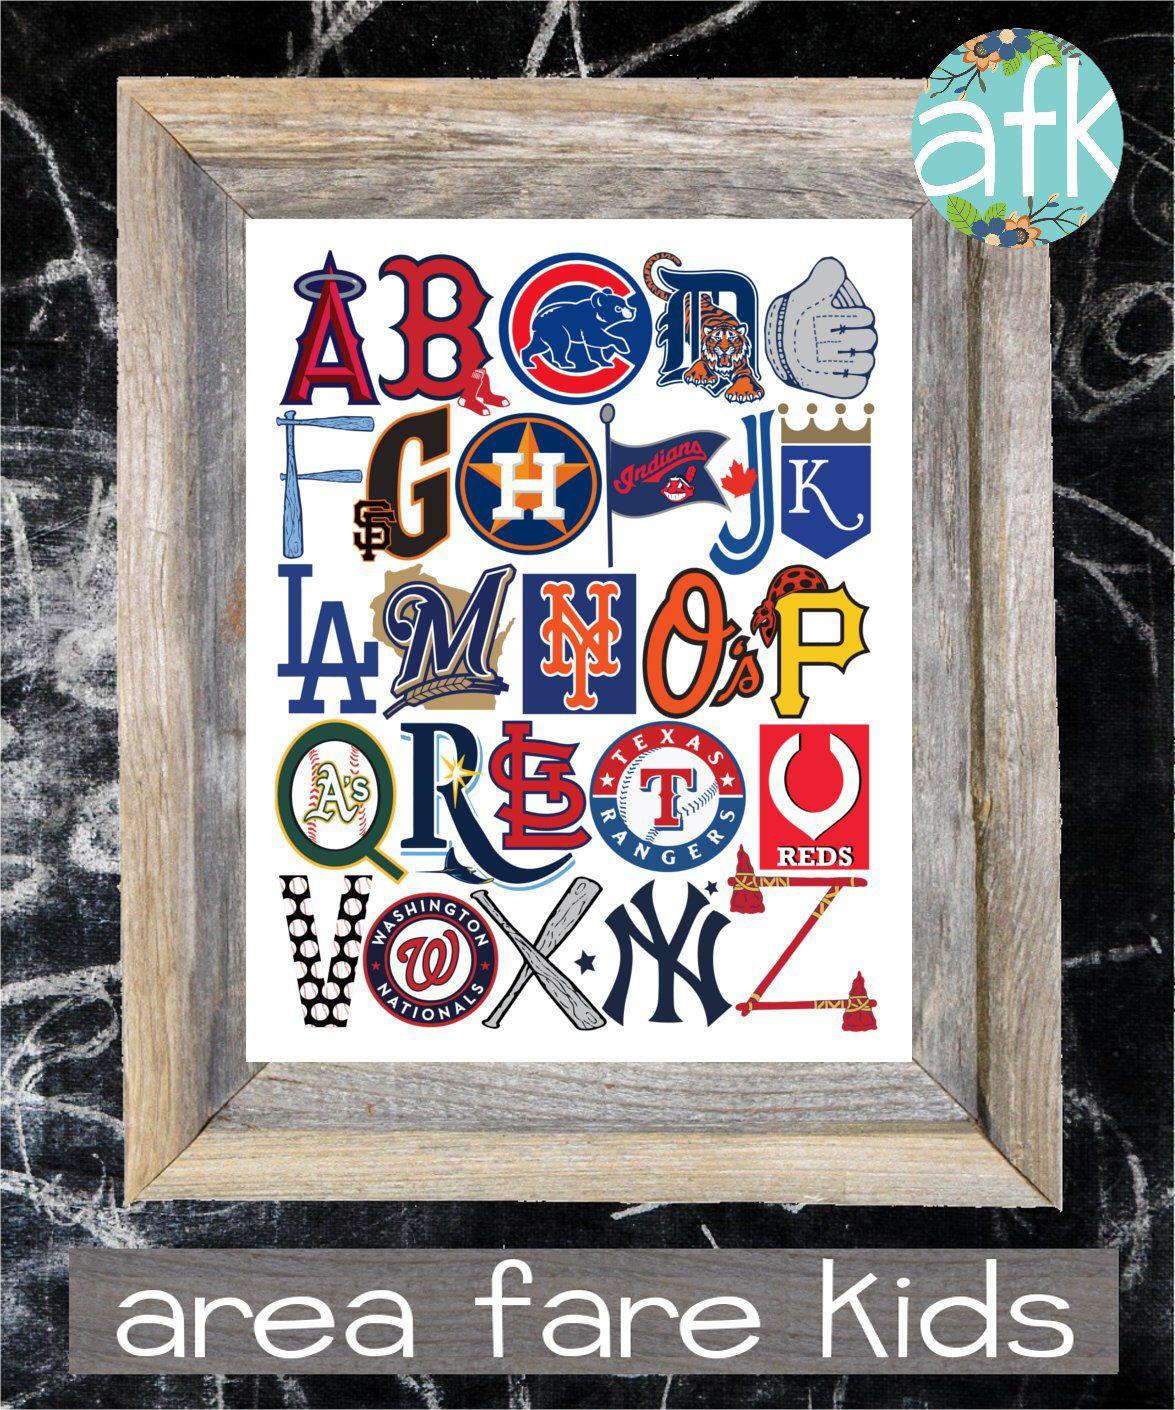 Mlb Abc Nursery Art Print By Areafarekids On Etsy Https Www Etsy Com Listing 171513482 Mlb Abc Nursery Art P Nursery Art Prints Alphabet Wall Art Abc Nursery